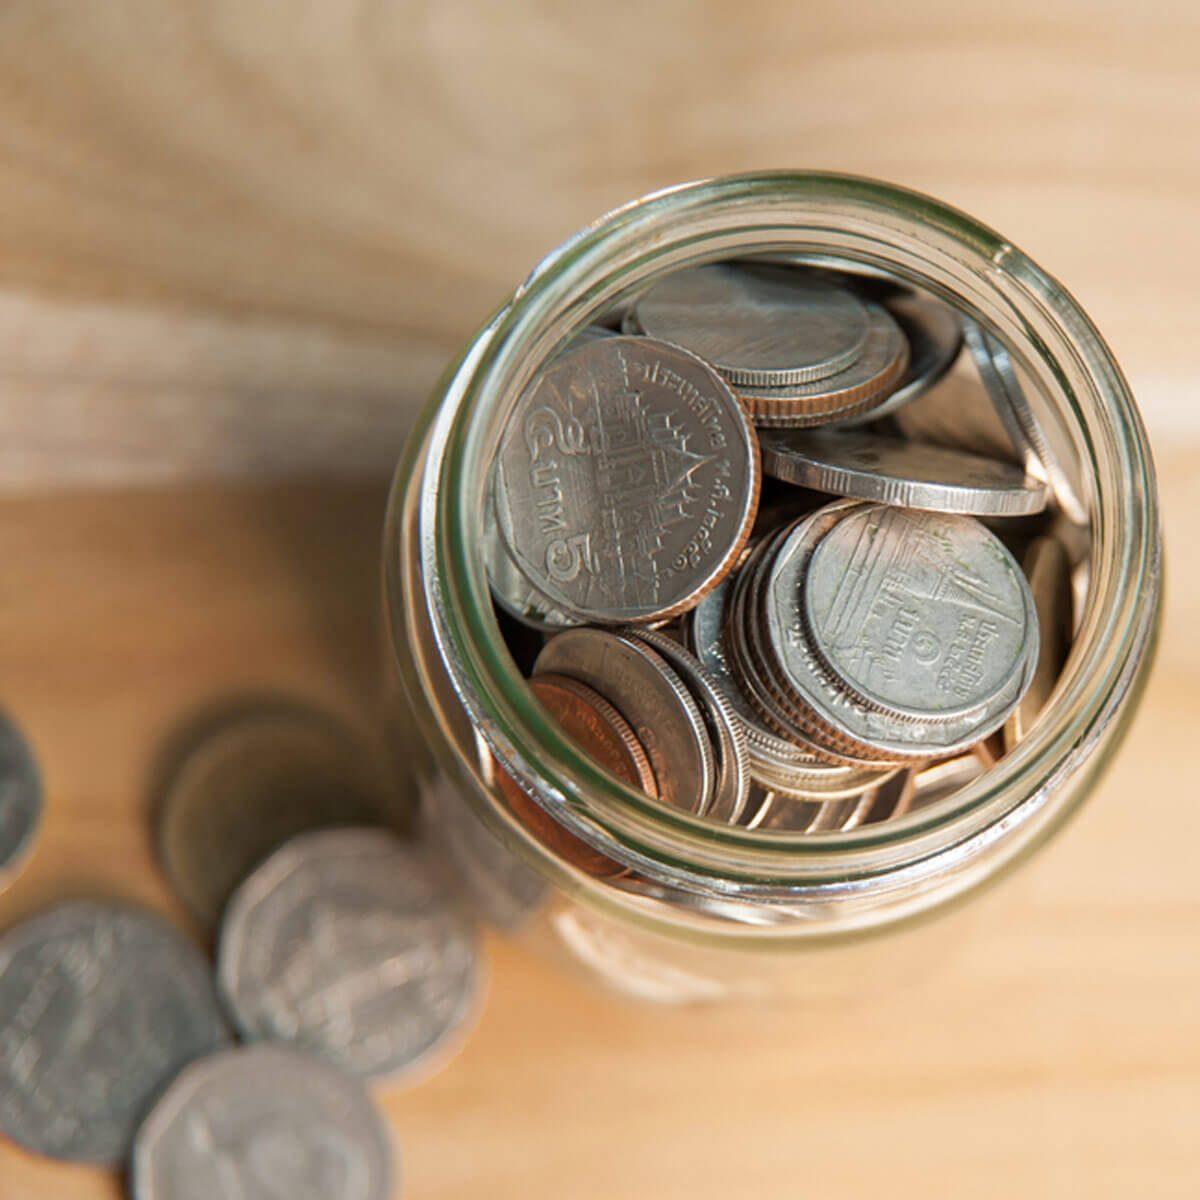 change-jar-of-coins